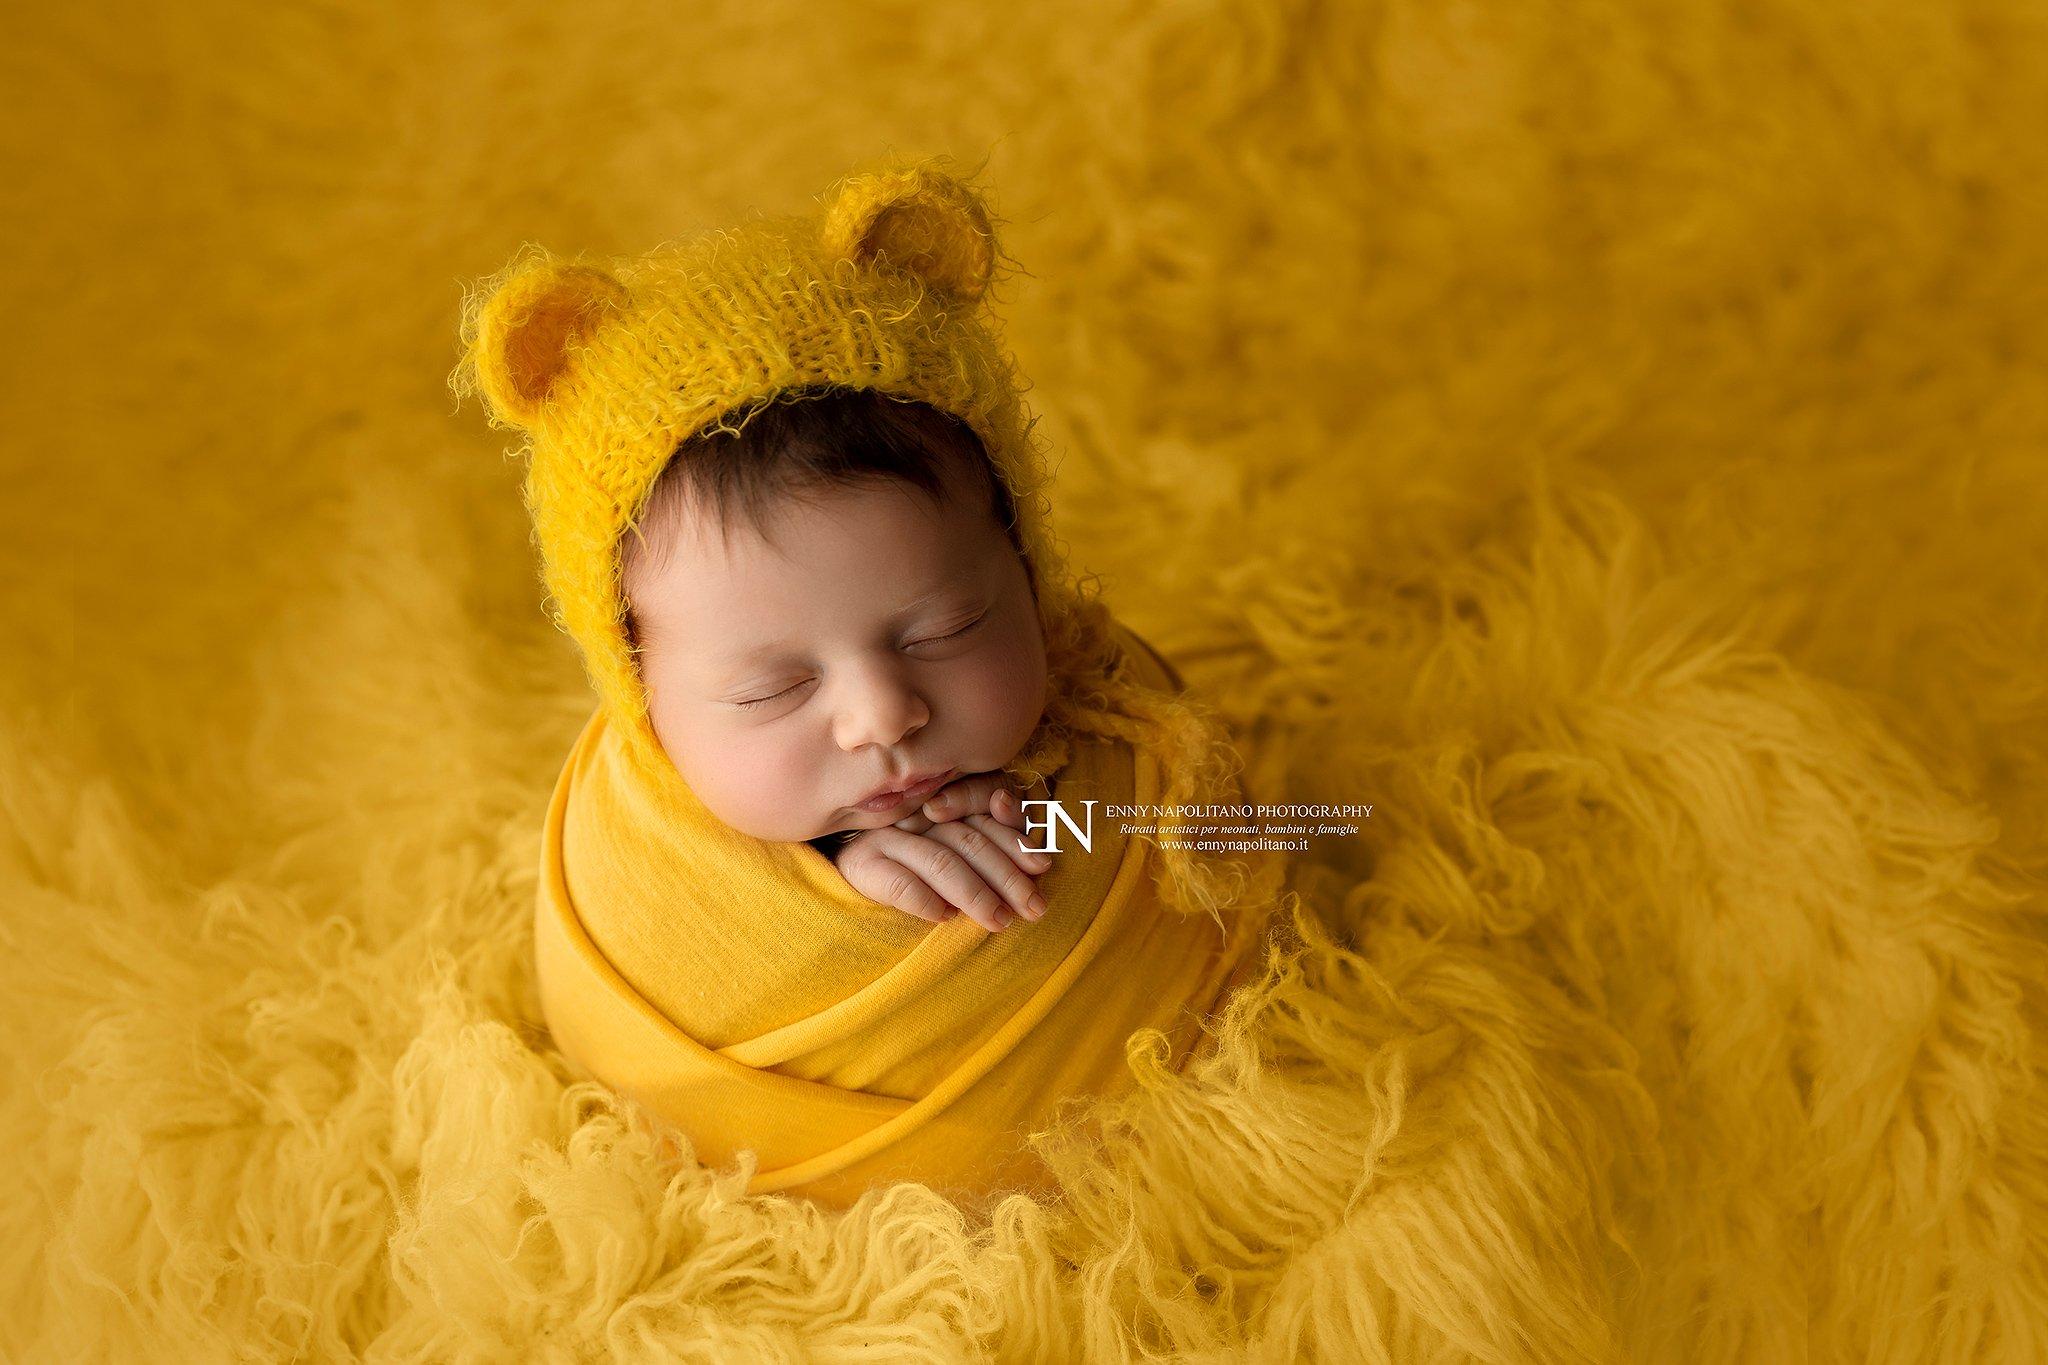 neonata avvolta in una fasciatura durante un servizio fotografico per neonati (newborn), bambini svolto a Milano, Pavia, Monza, Bergamo, Brescia, Lodi